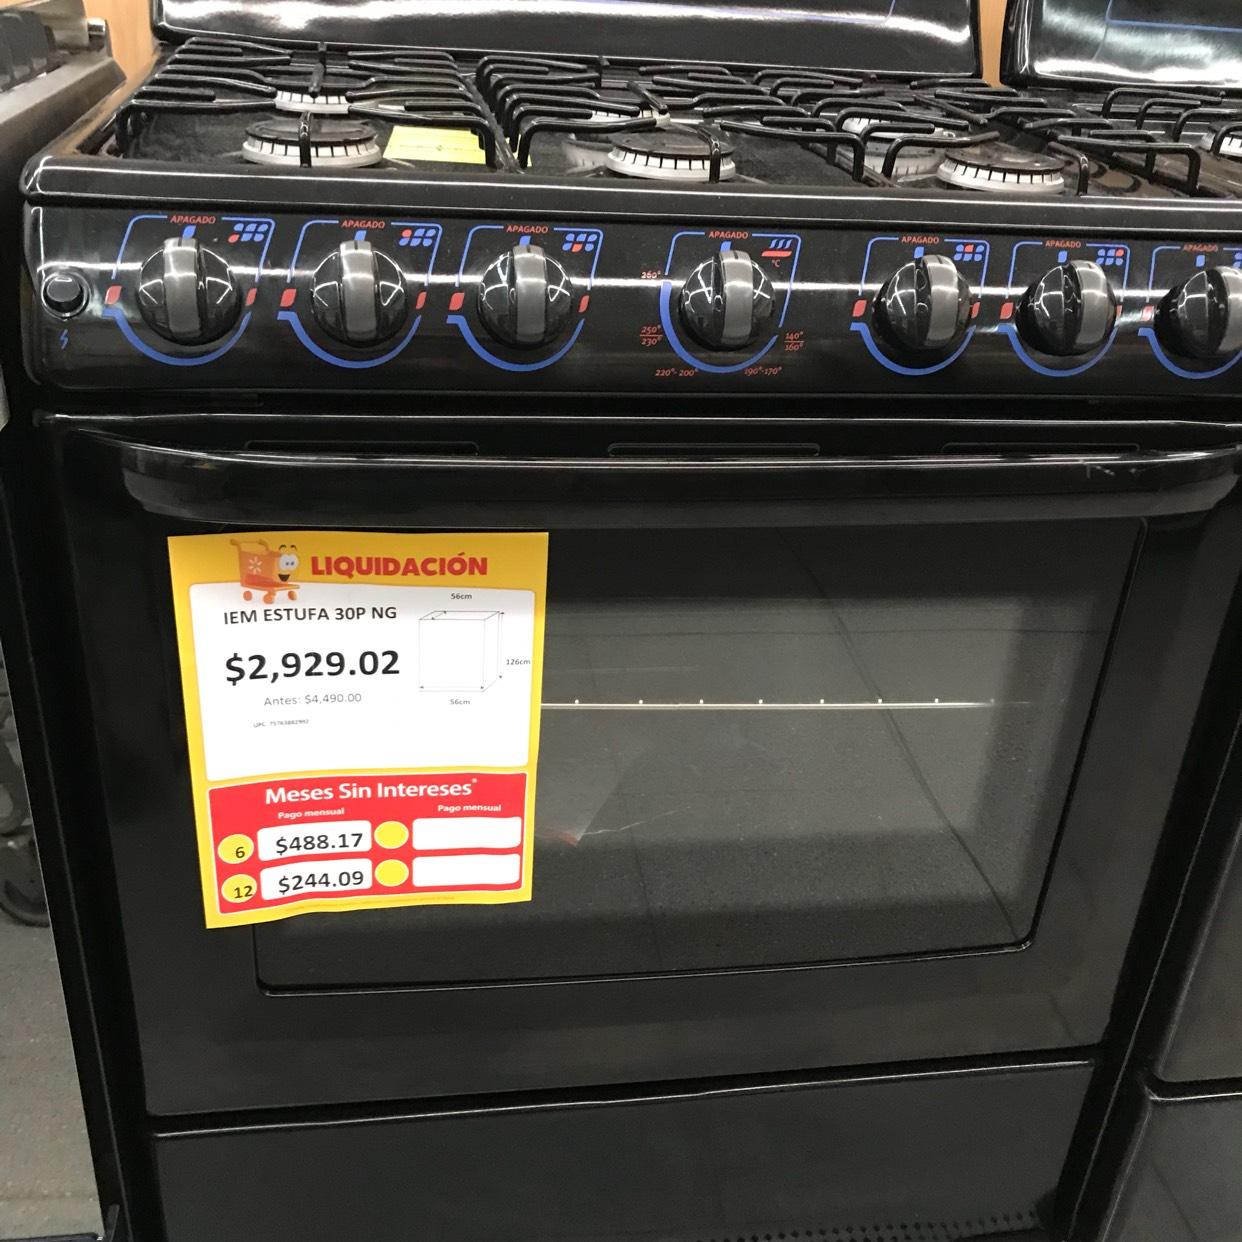 Walmart: Estufa iem $2,929.02